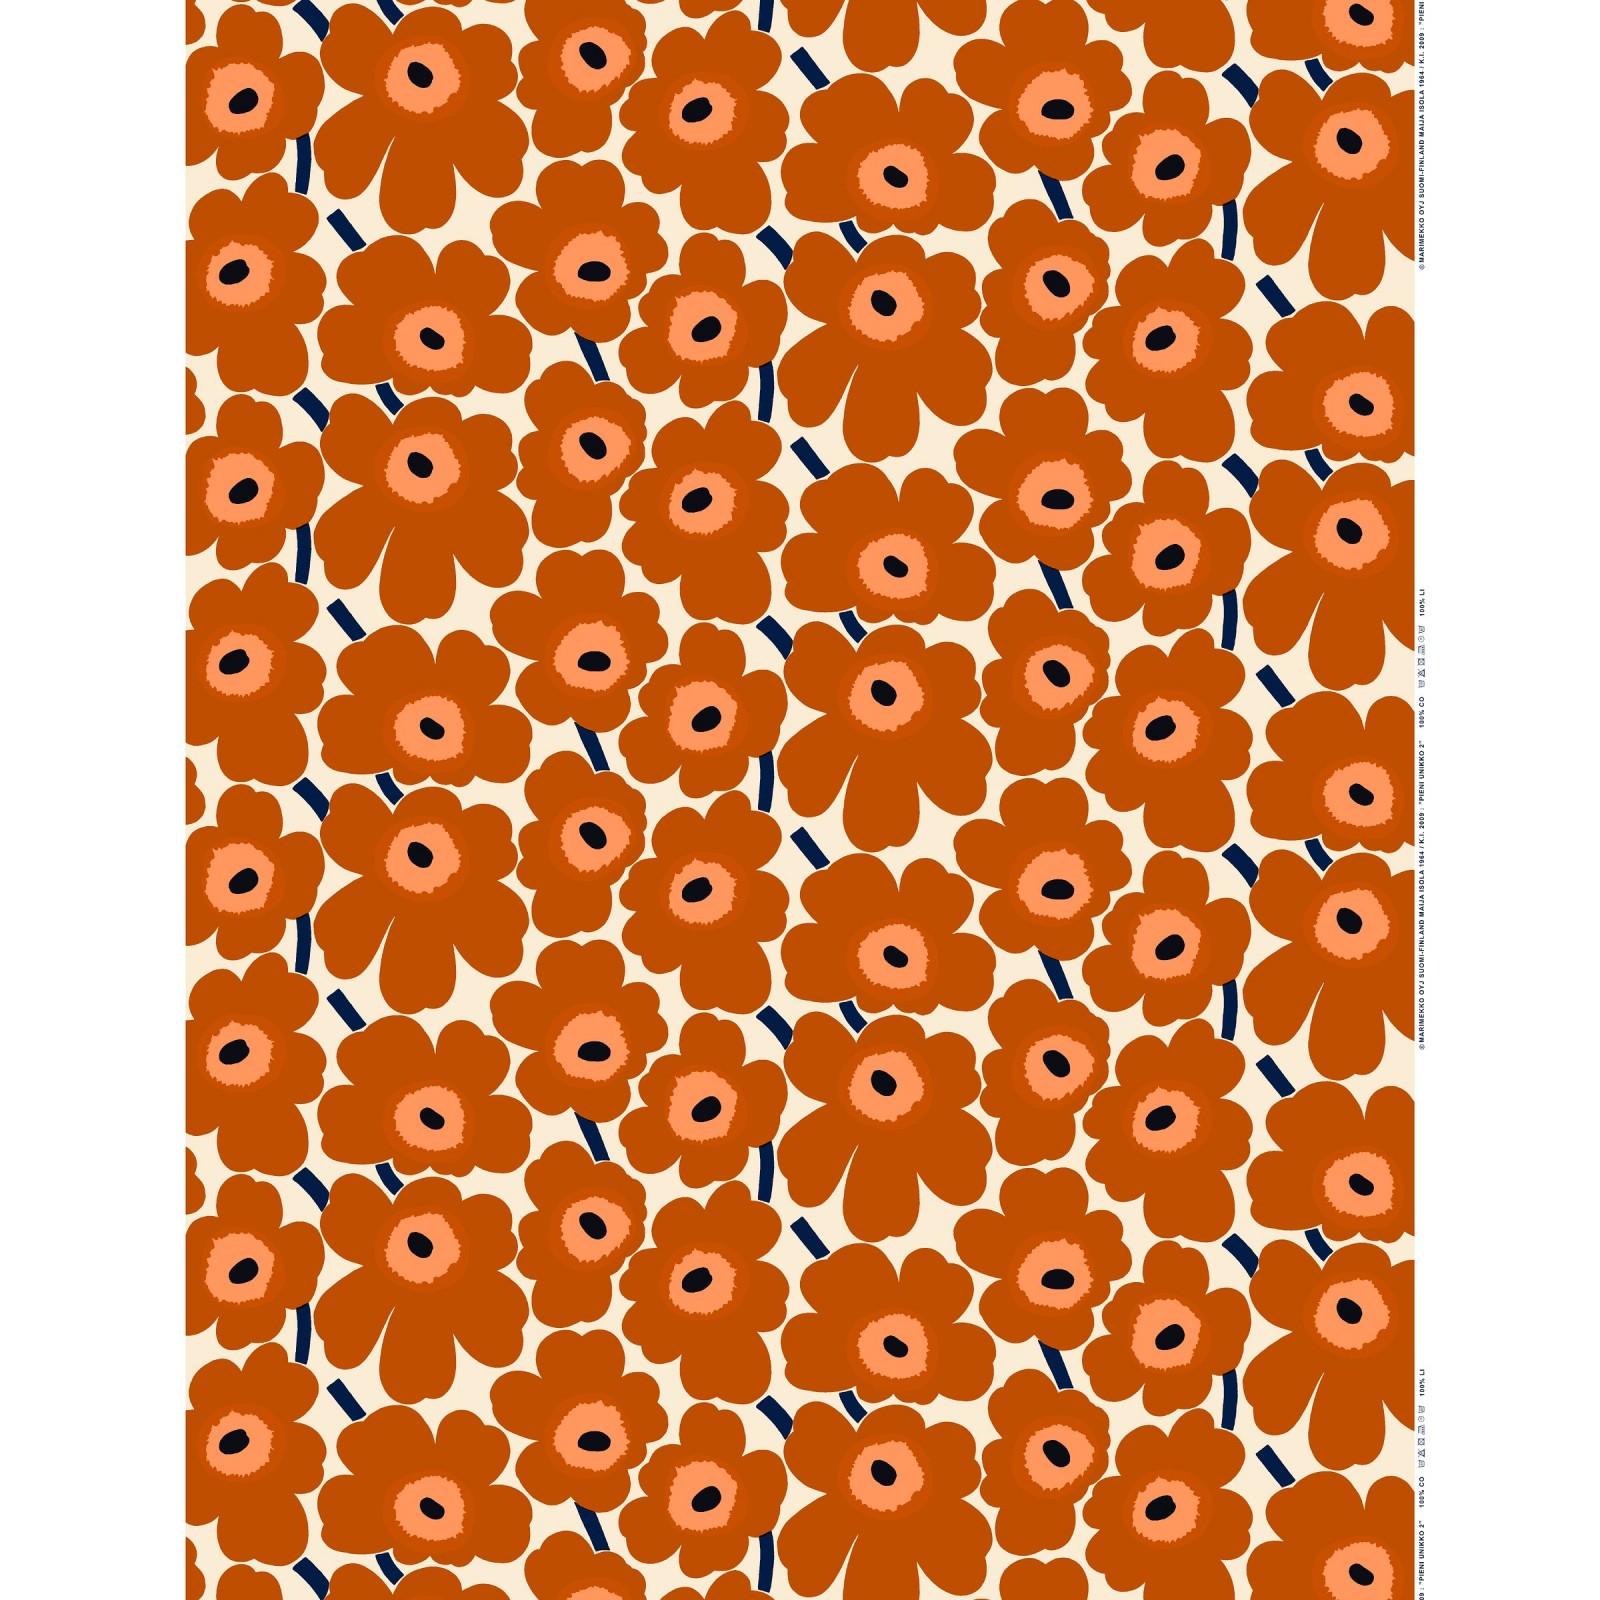 Marimekko Pieni Unikko Cotton Fabric Brown Orange